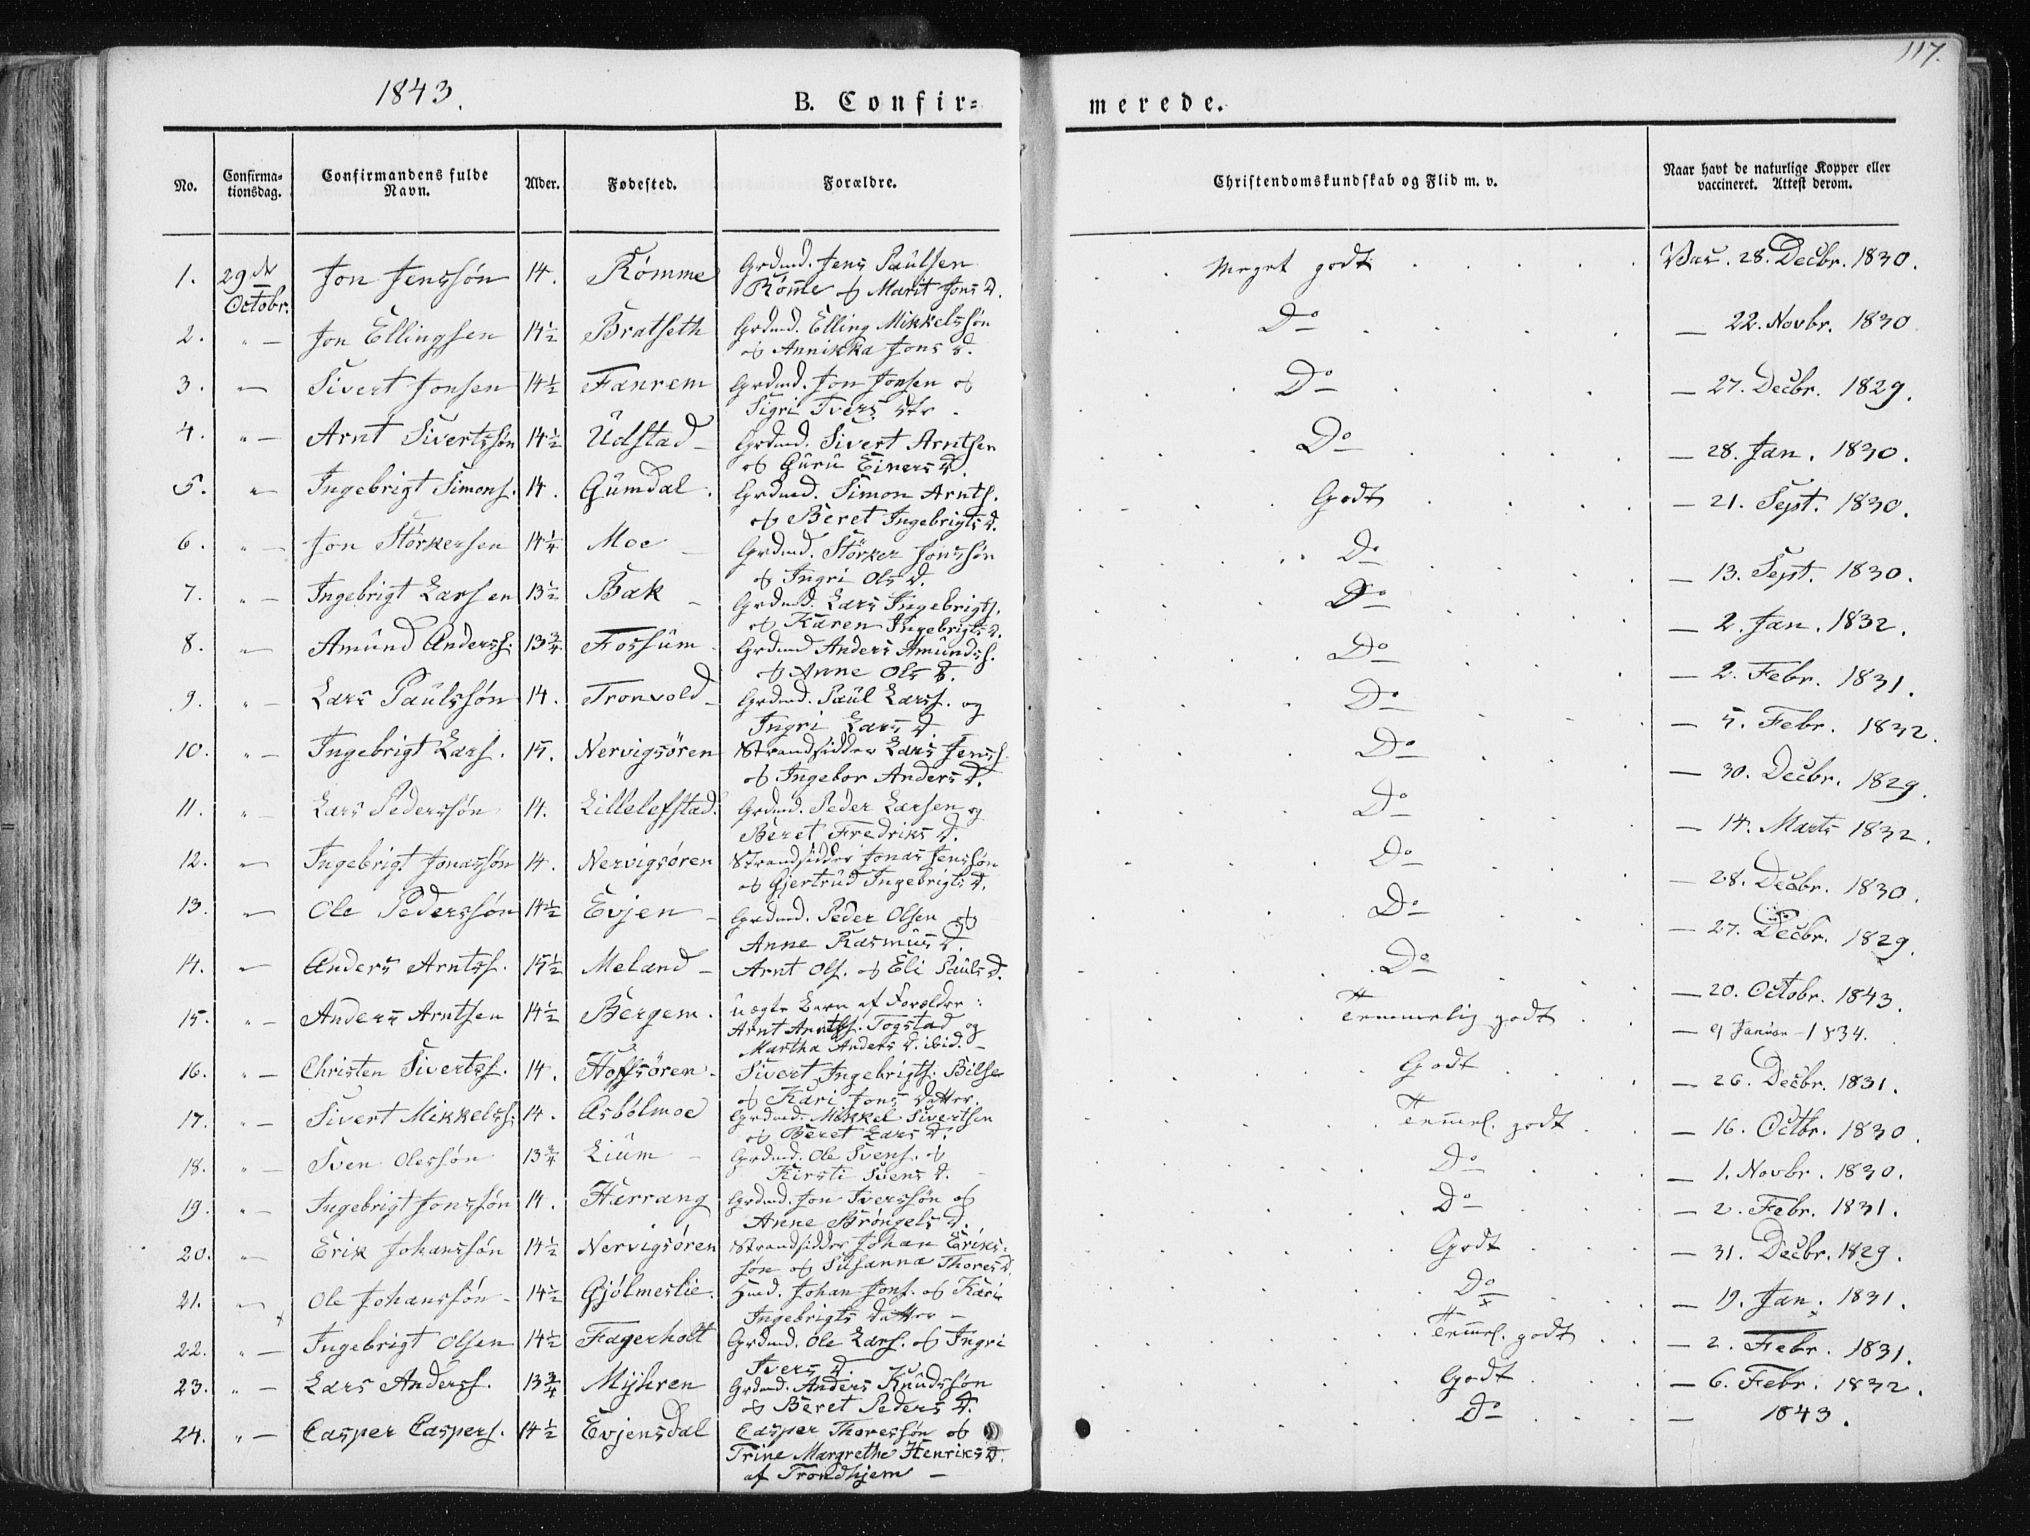 SAT, Ministerialprotokoller, klokkerbøker og fødselsregistre - Sør-Trøndelag, 668/L0805: Ministerialbok nr. 668A05, 1840-1853, s. 117